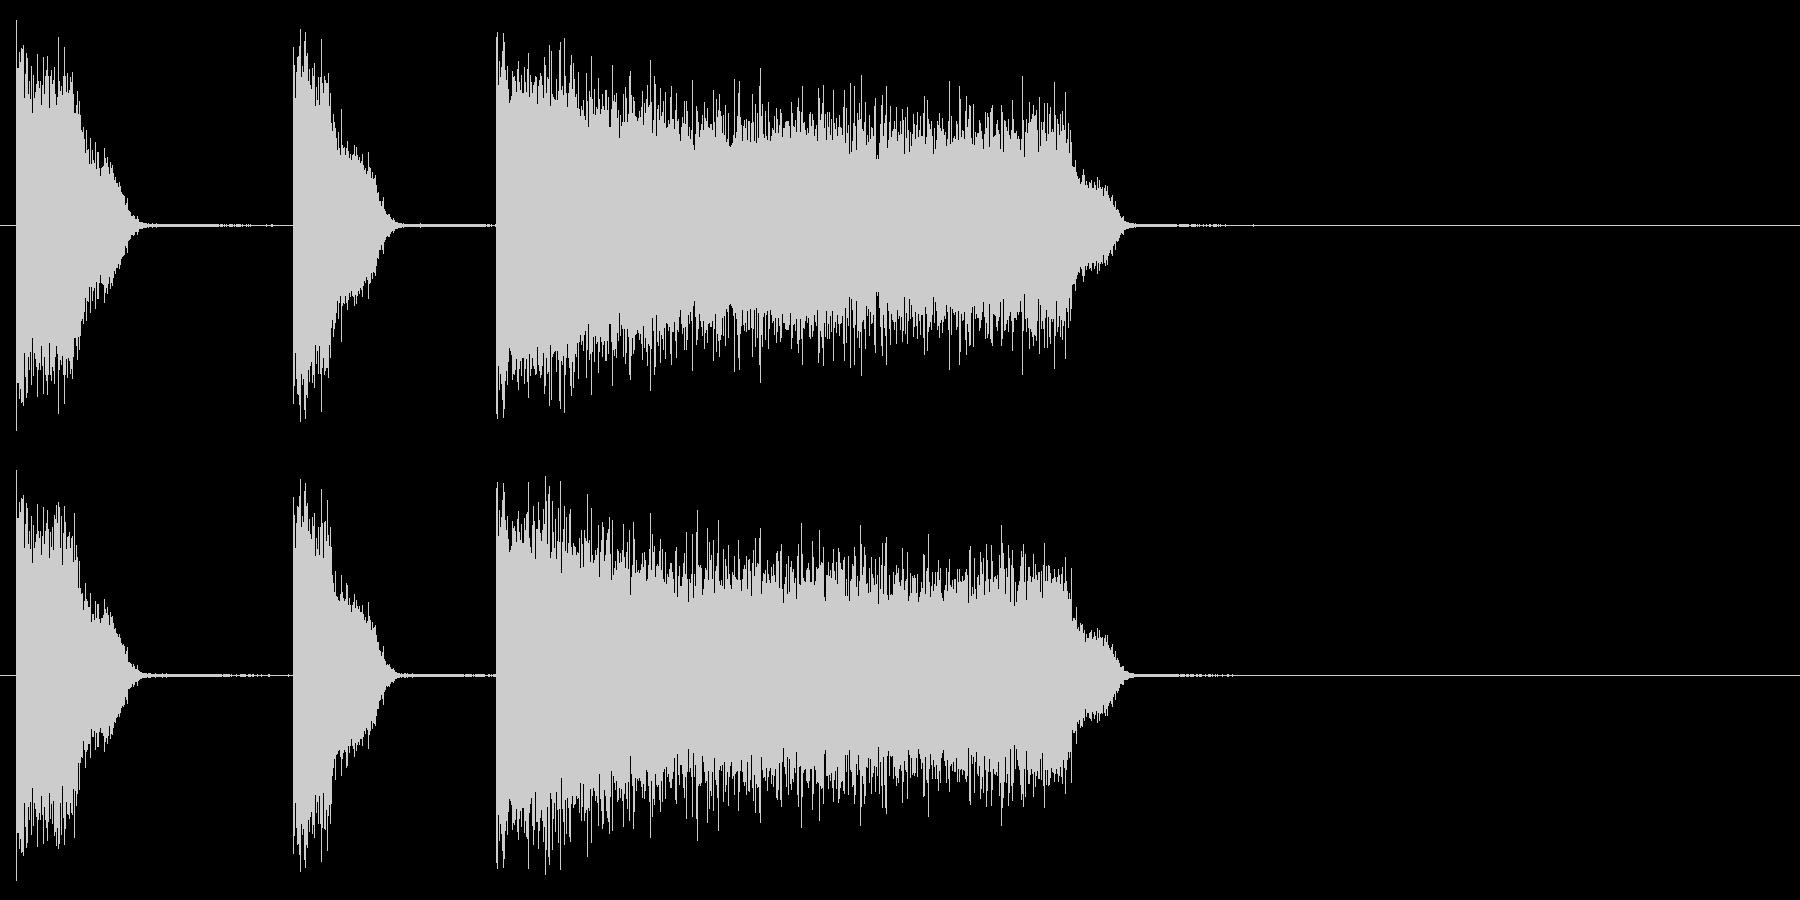 ビリビリビリ 雷 感電 シビレ音の未再生の波形